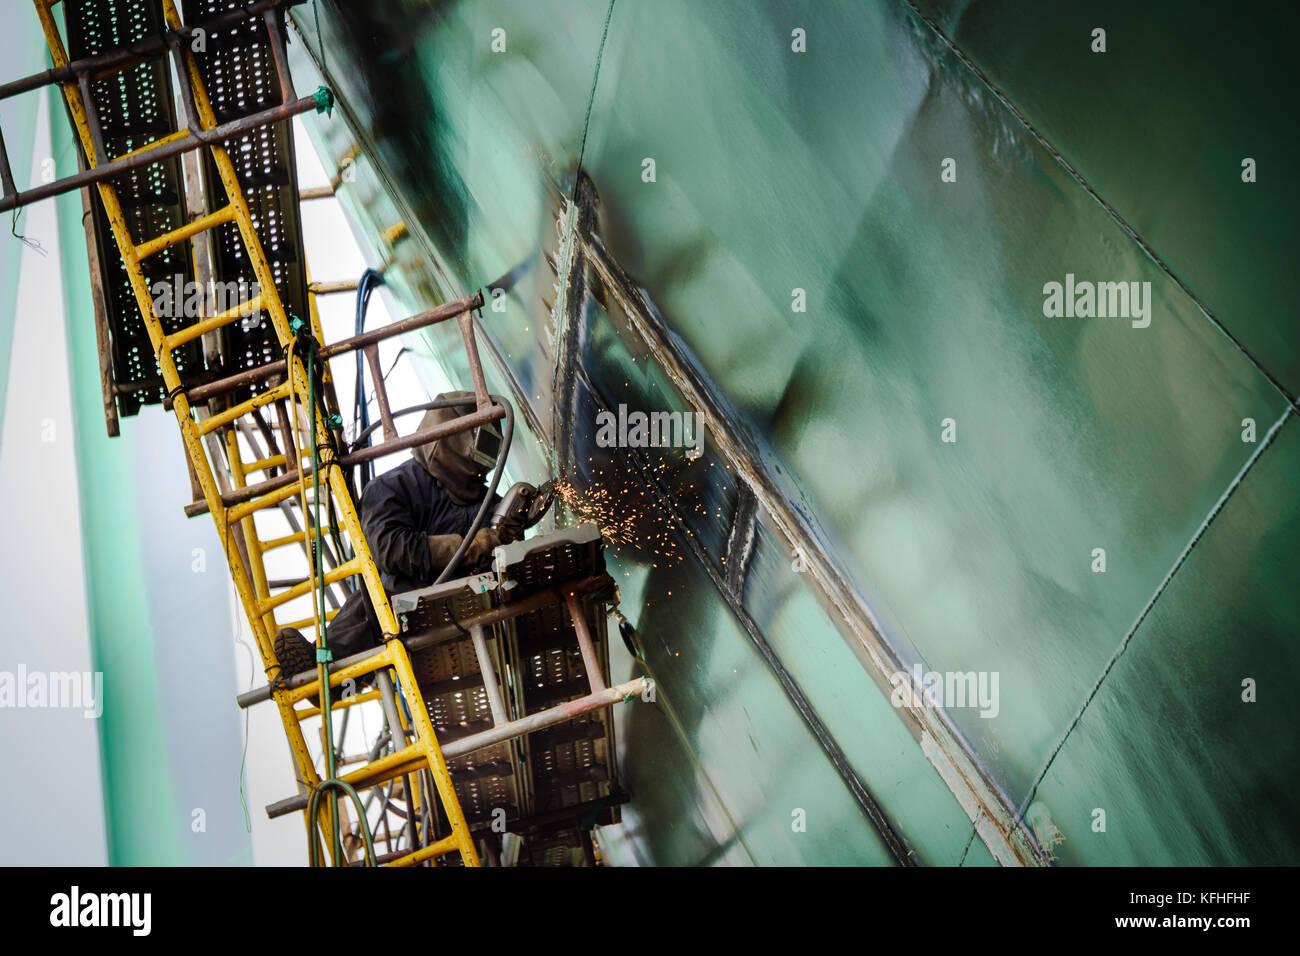 Buque en construcción. Trabajos de soldadura. Astillero de Cam Rahn, Vietnam. Foto de stock